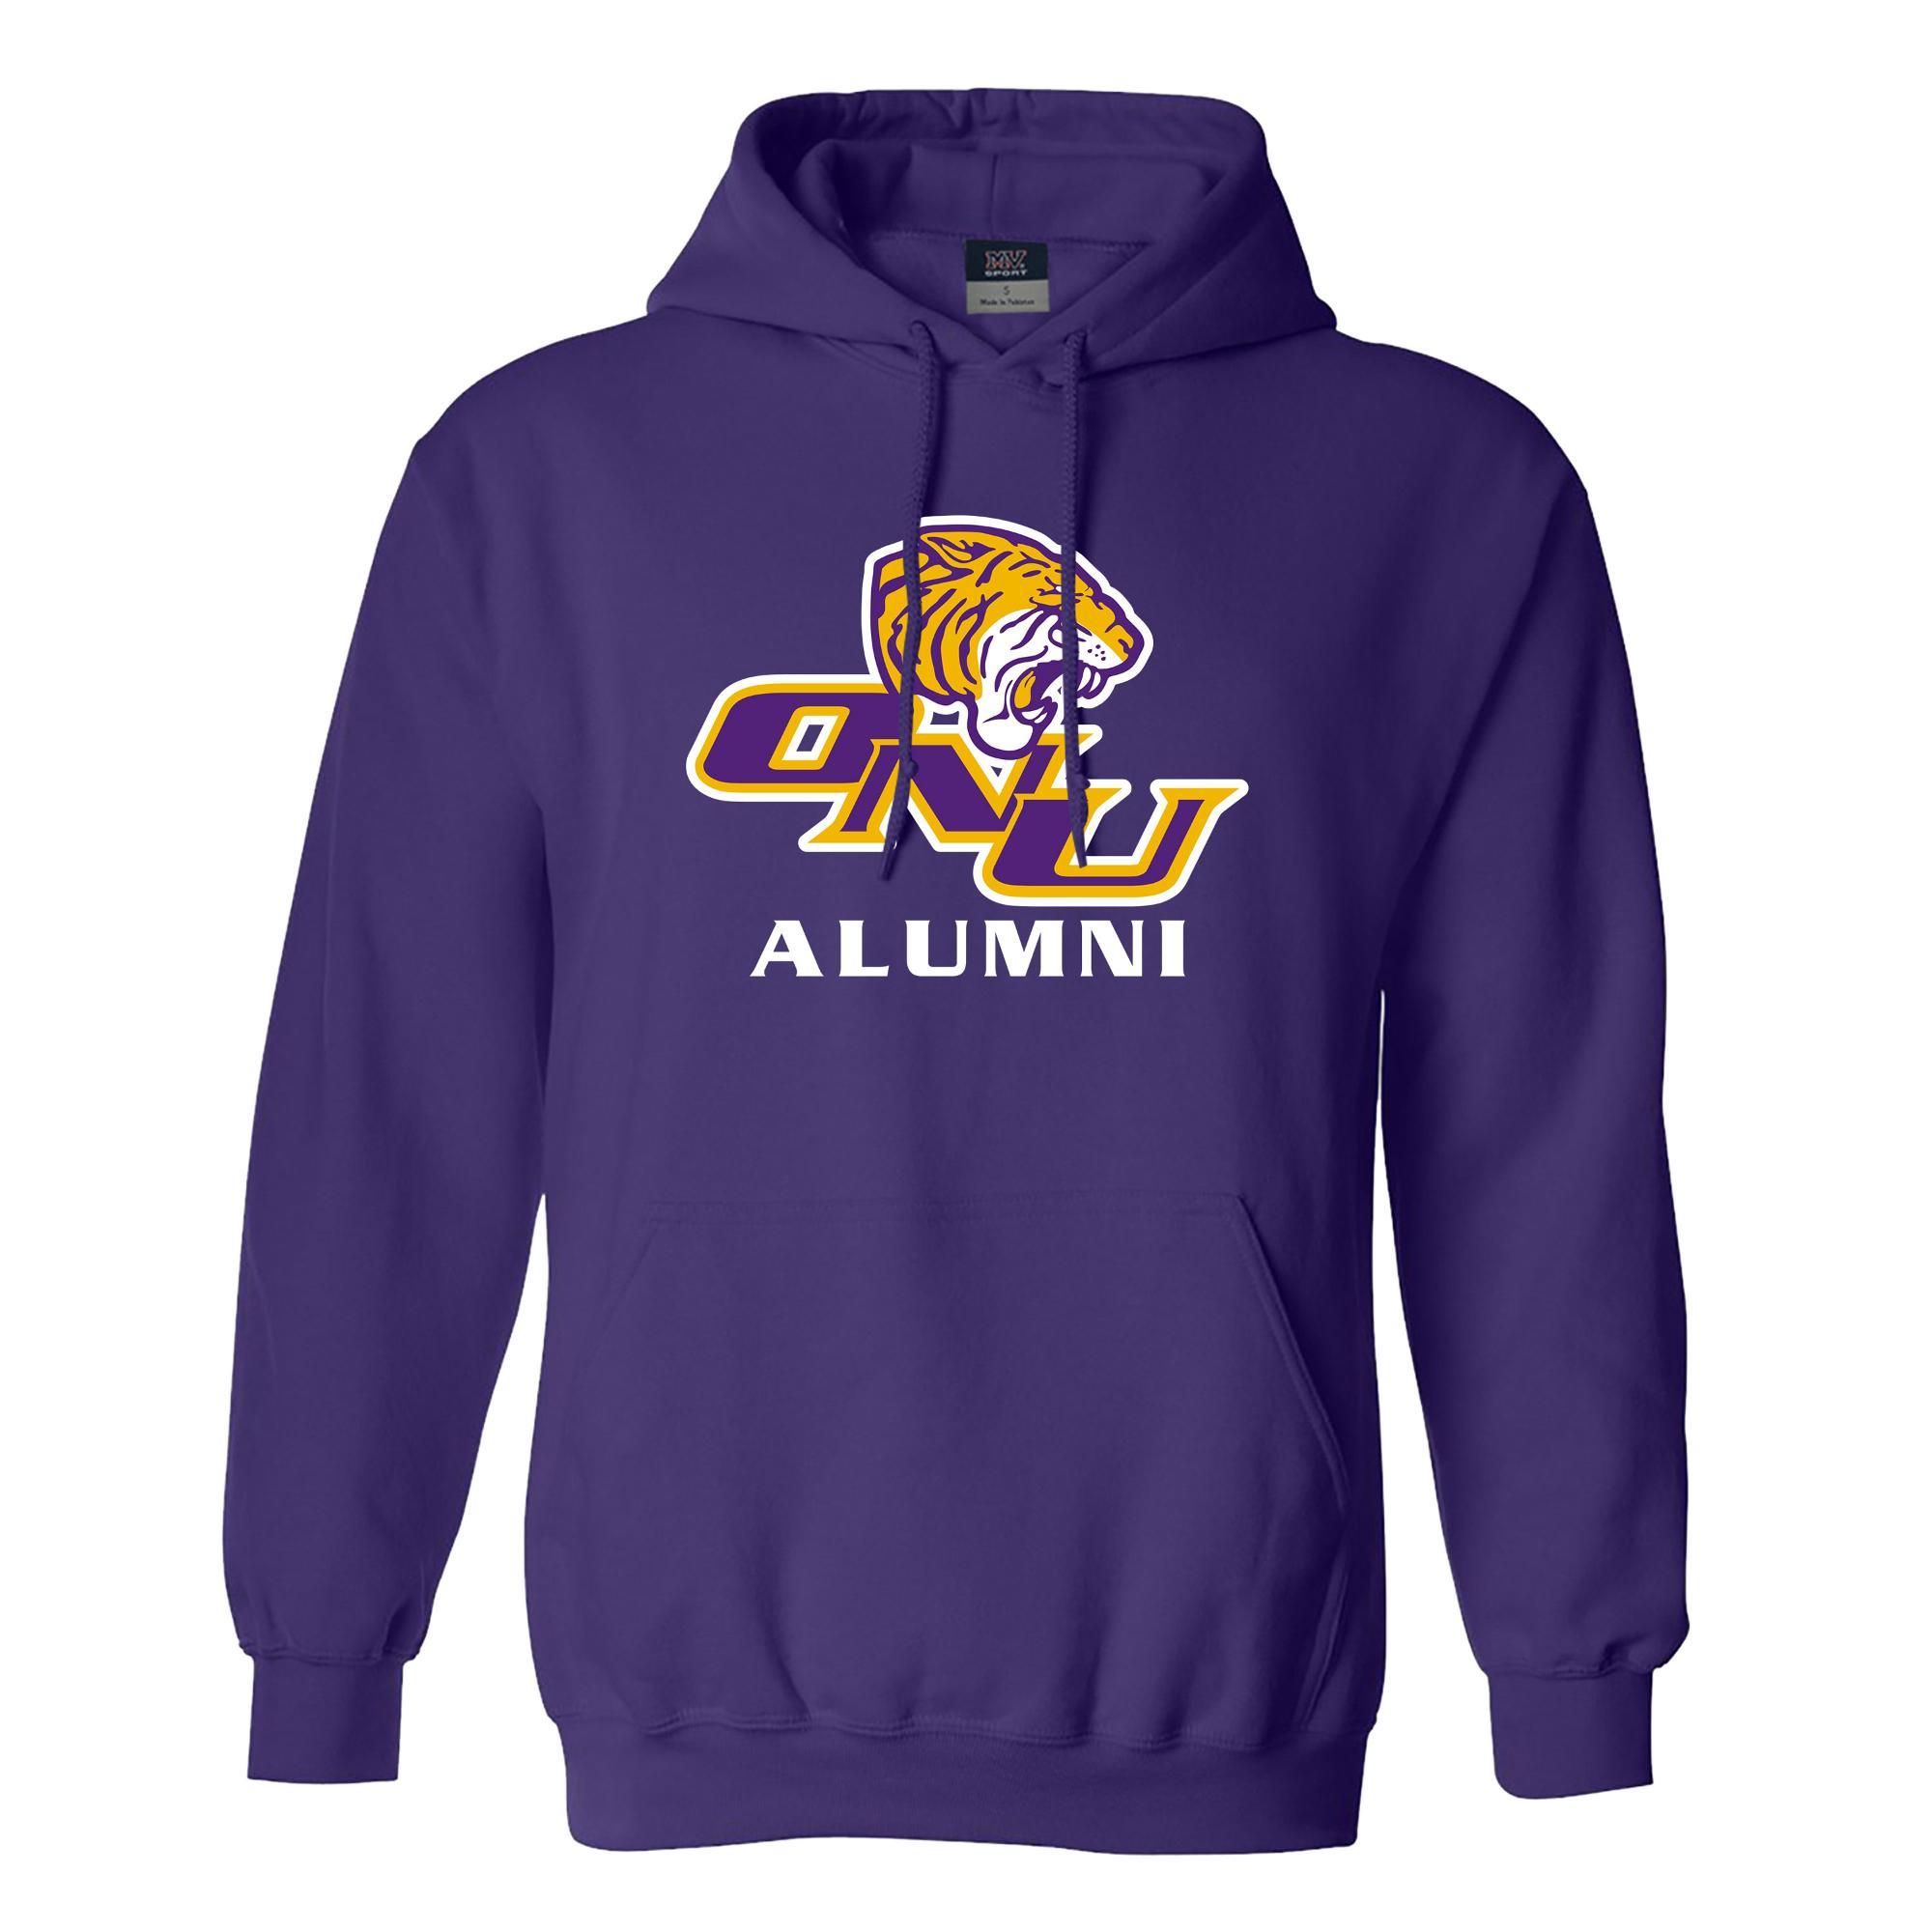 image of: Alumni Hoodie